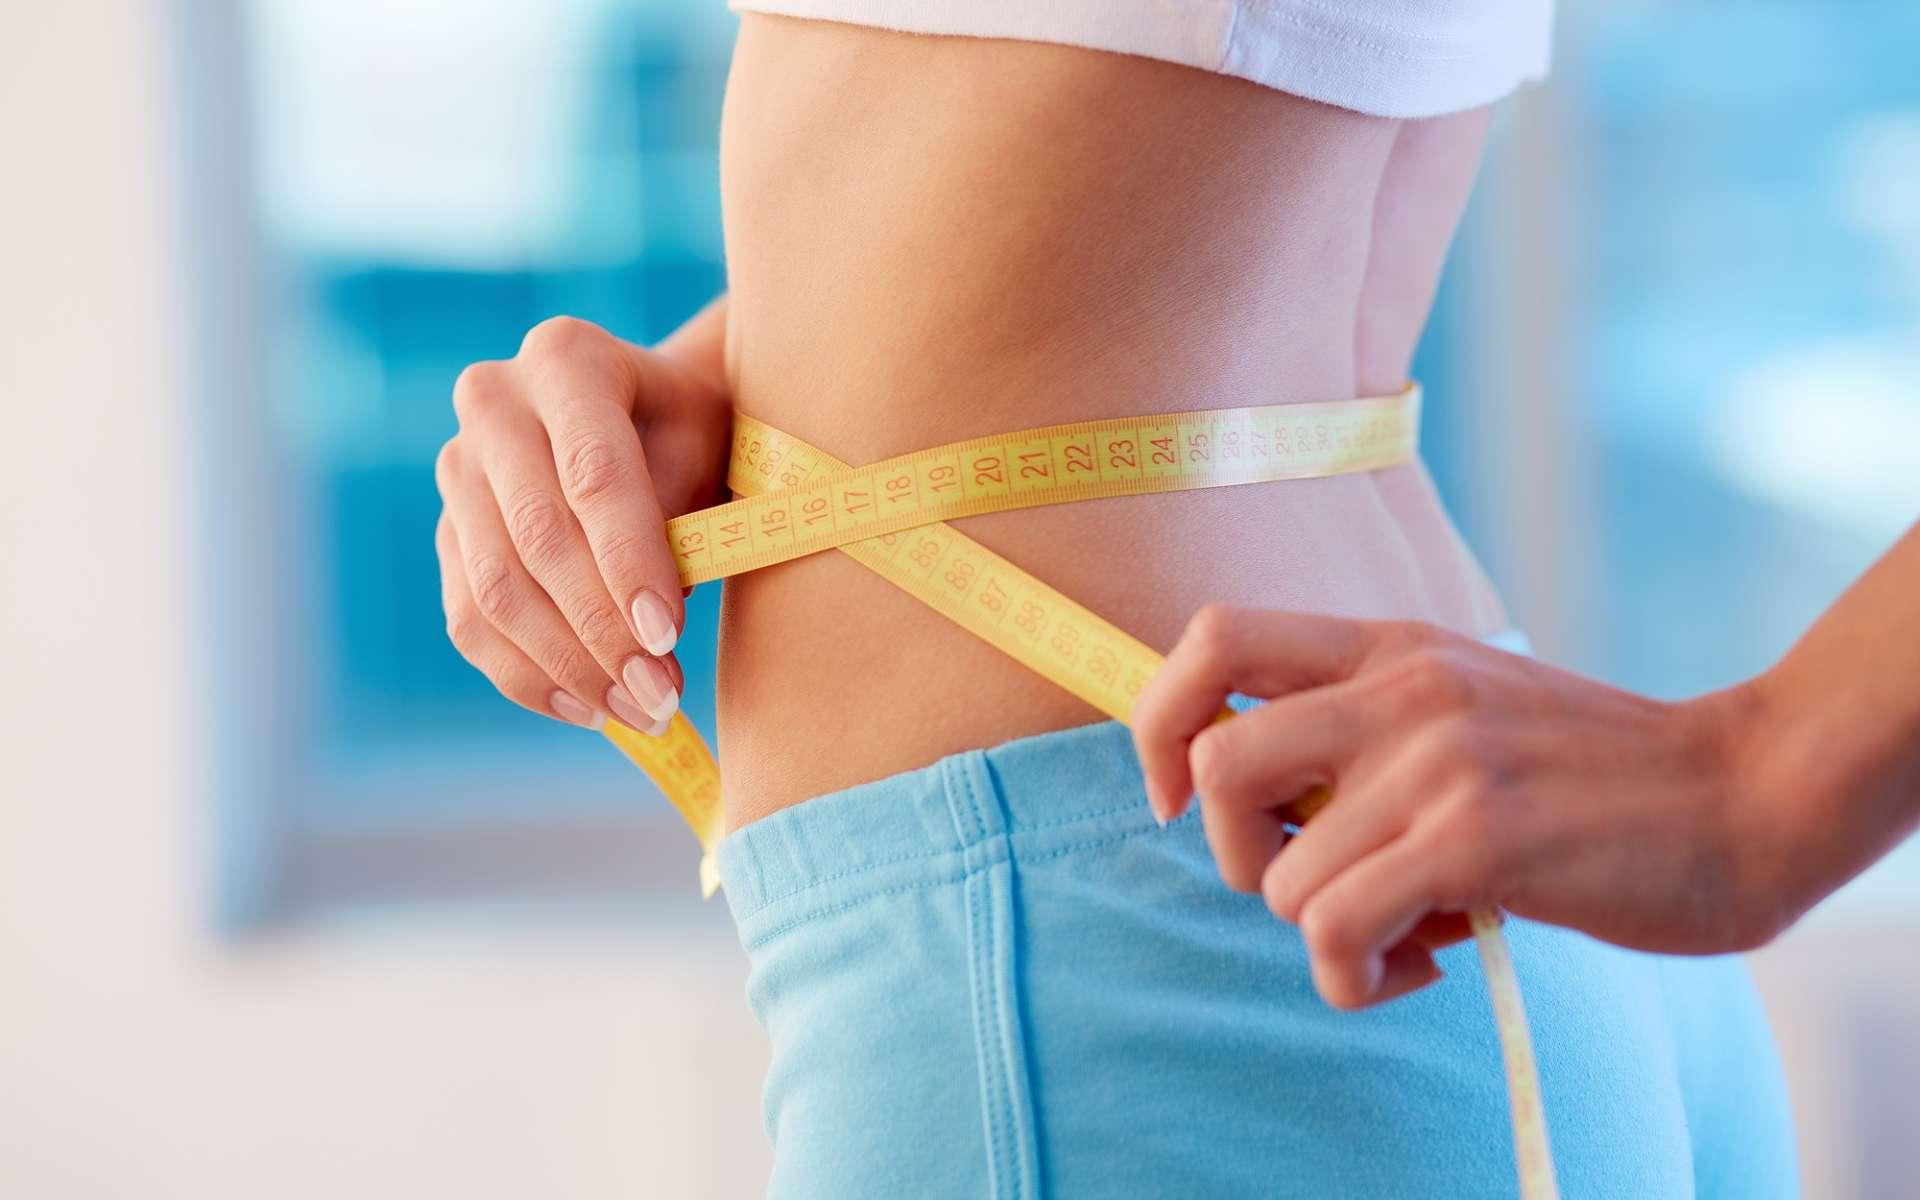 Les brûleurs de graisse sont-ils efficaces ?